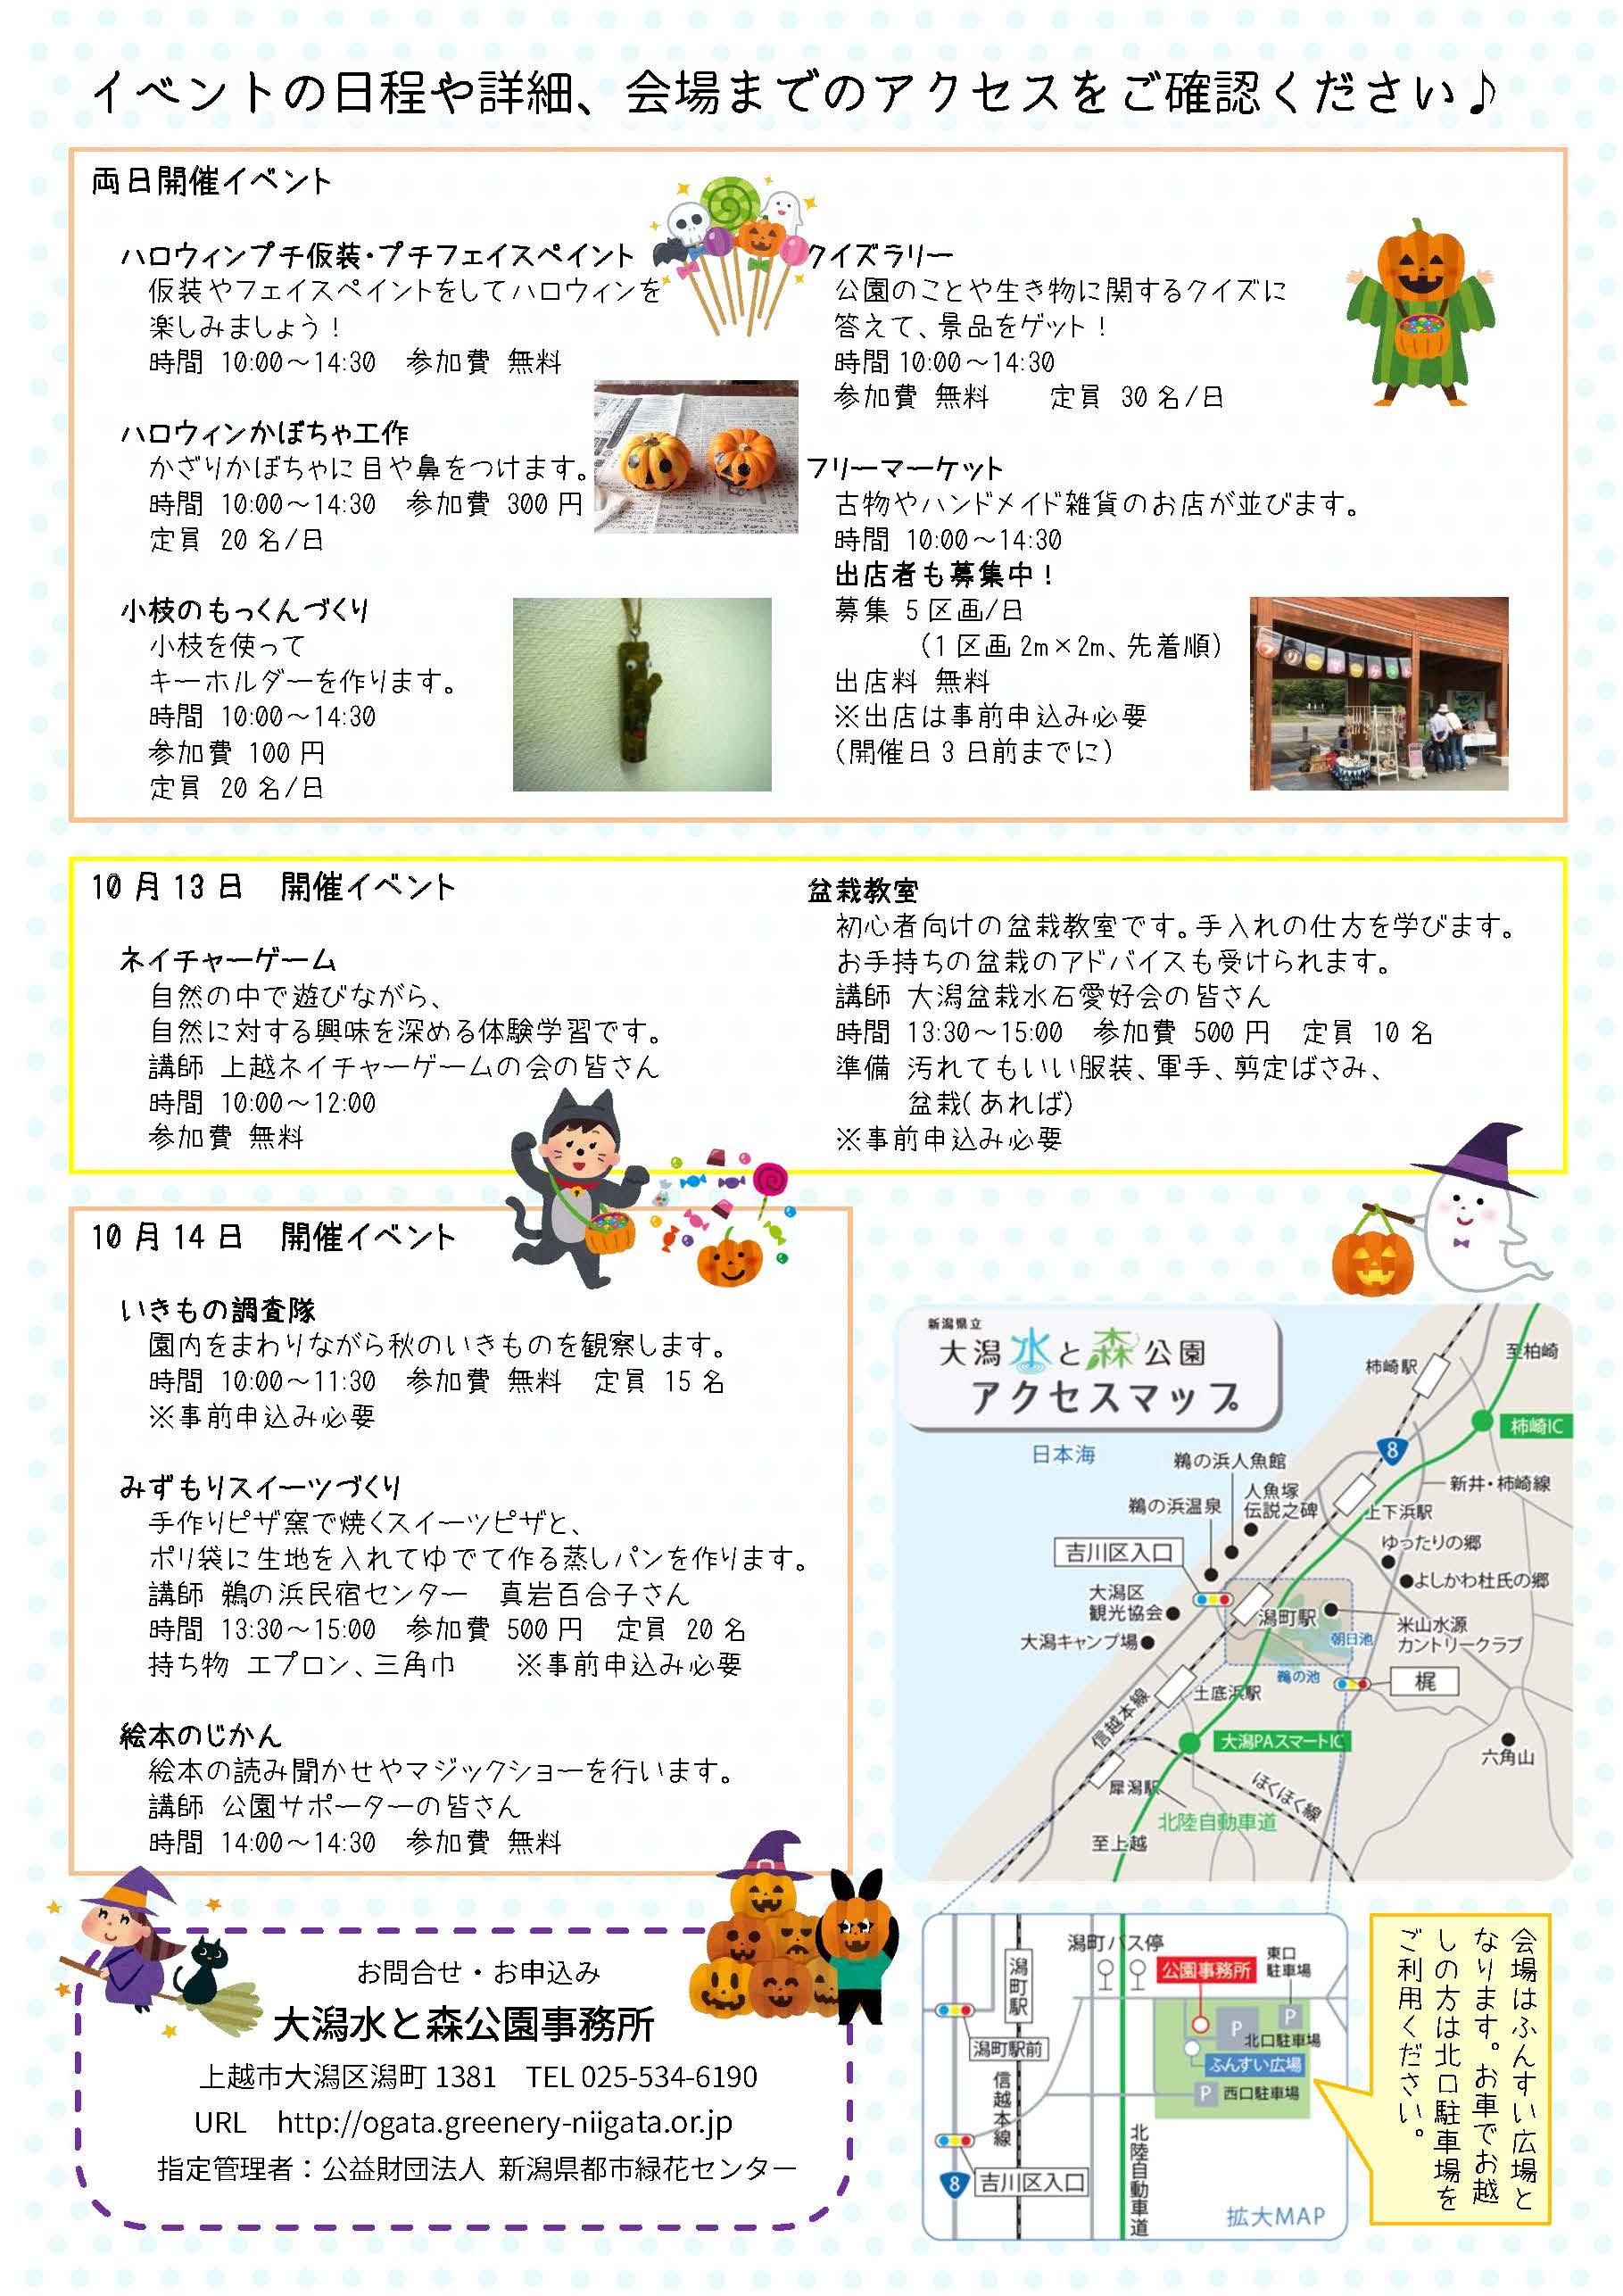 R1.10.13-14 3しょくフェスタ_ページ_2